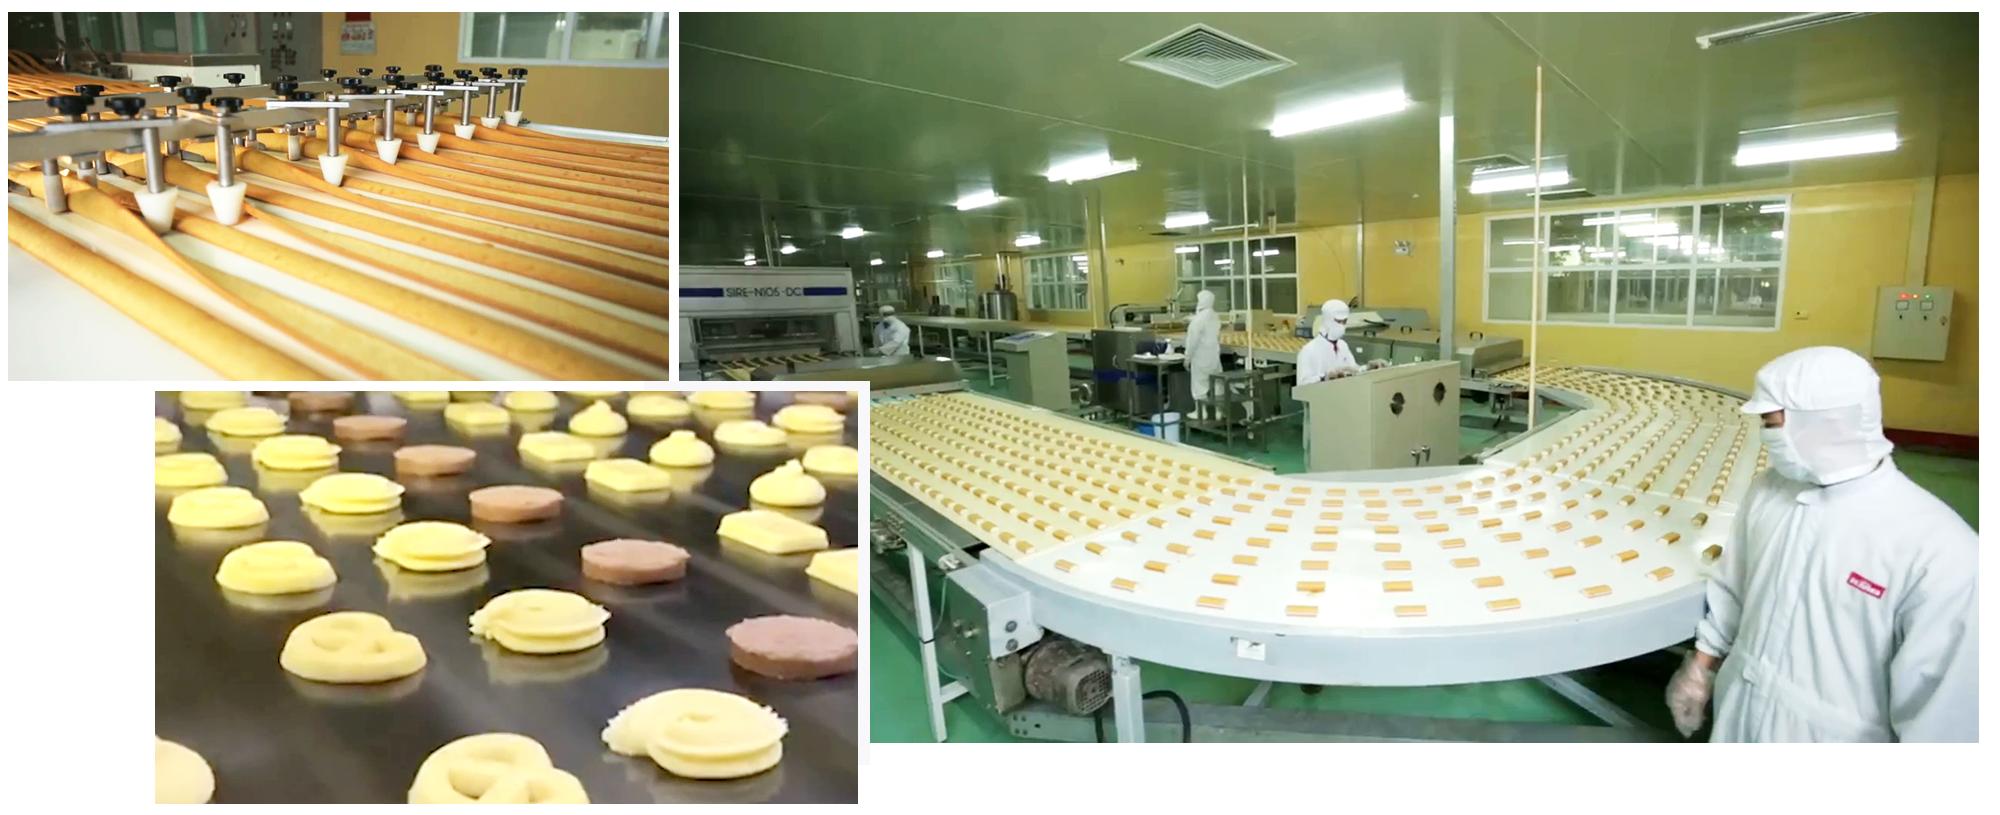 """Câu chuyện của người sáng lập thương hiệu bánh kẹo Richy và hành trình đến với """"Thương hiệu quốc gia 2020"""" - Ảnh 5."""